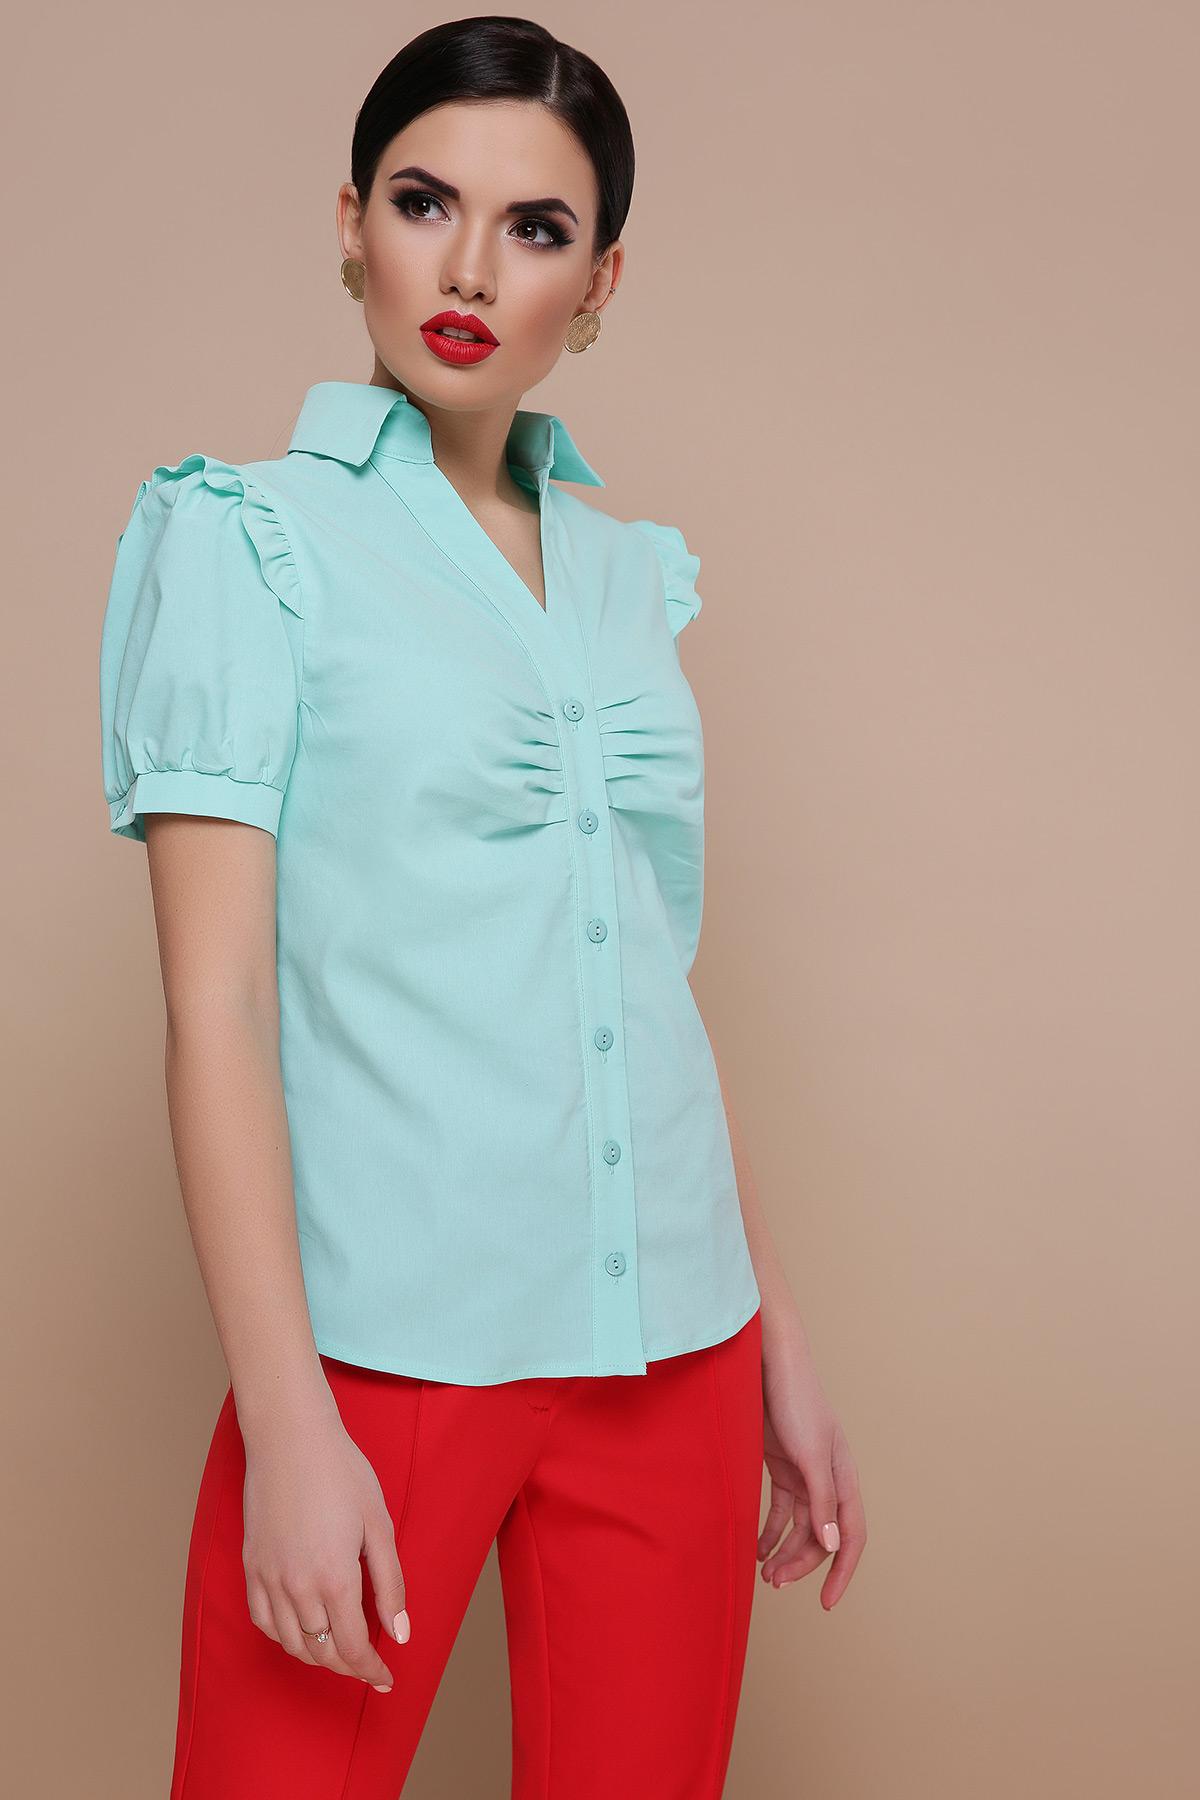 fd9facd0ba5 голубая блузка с рюшами. блуза Маргарита к р. Цвет  мята купить ...